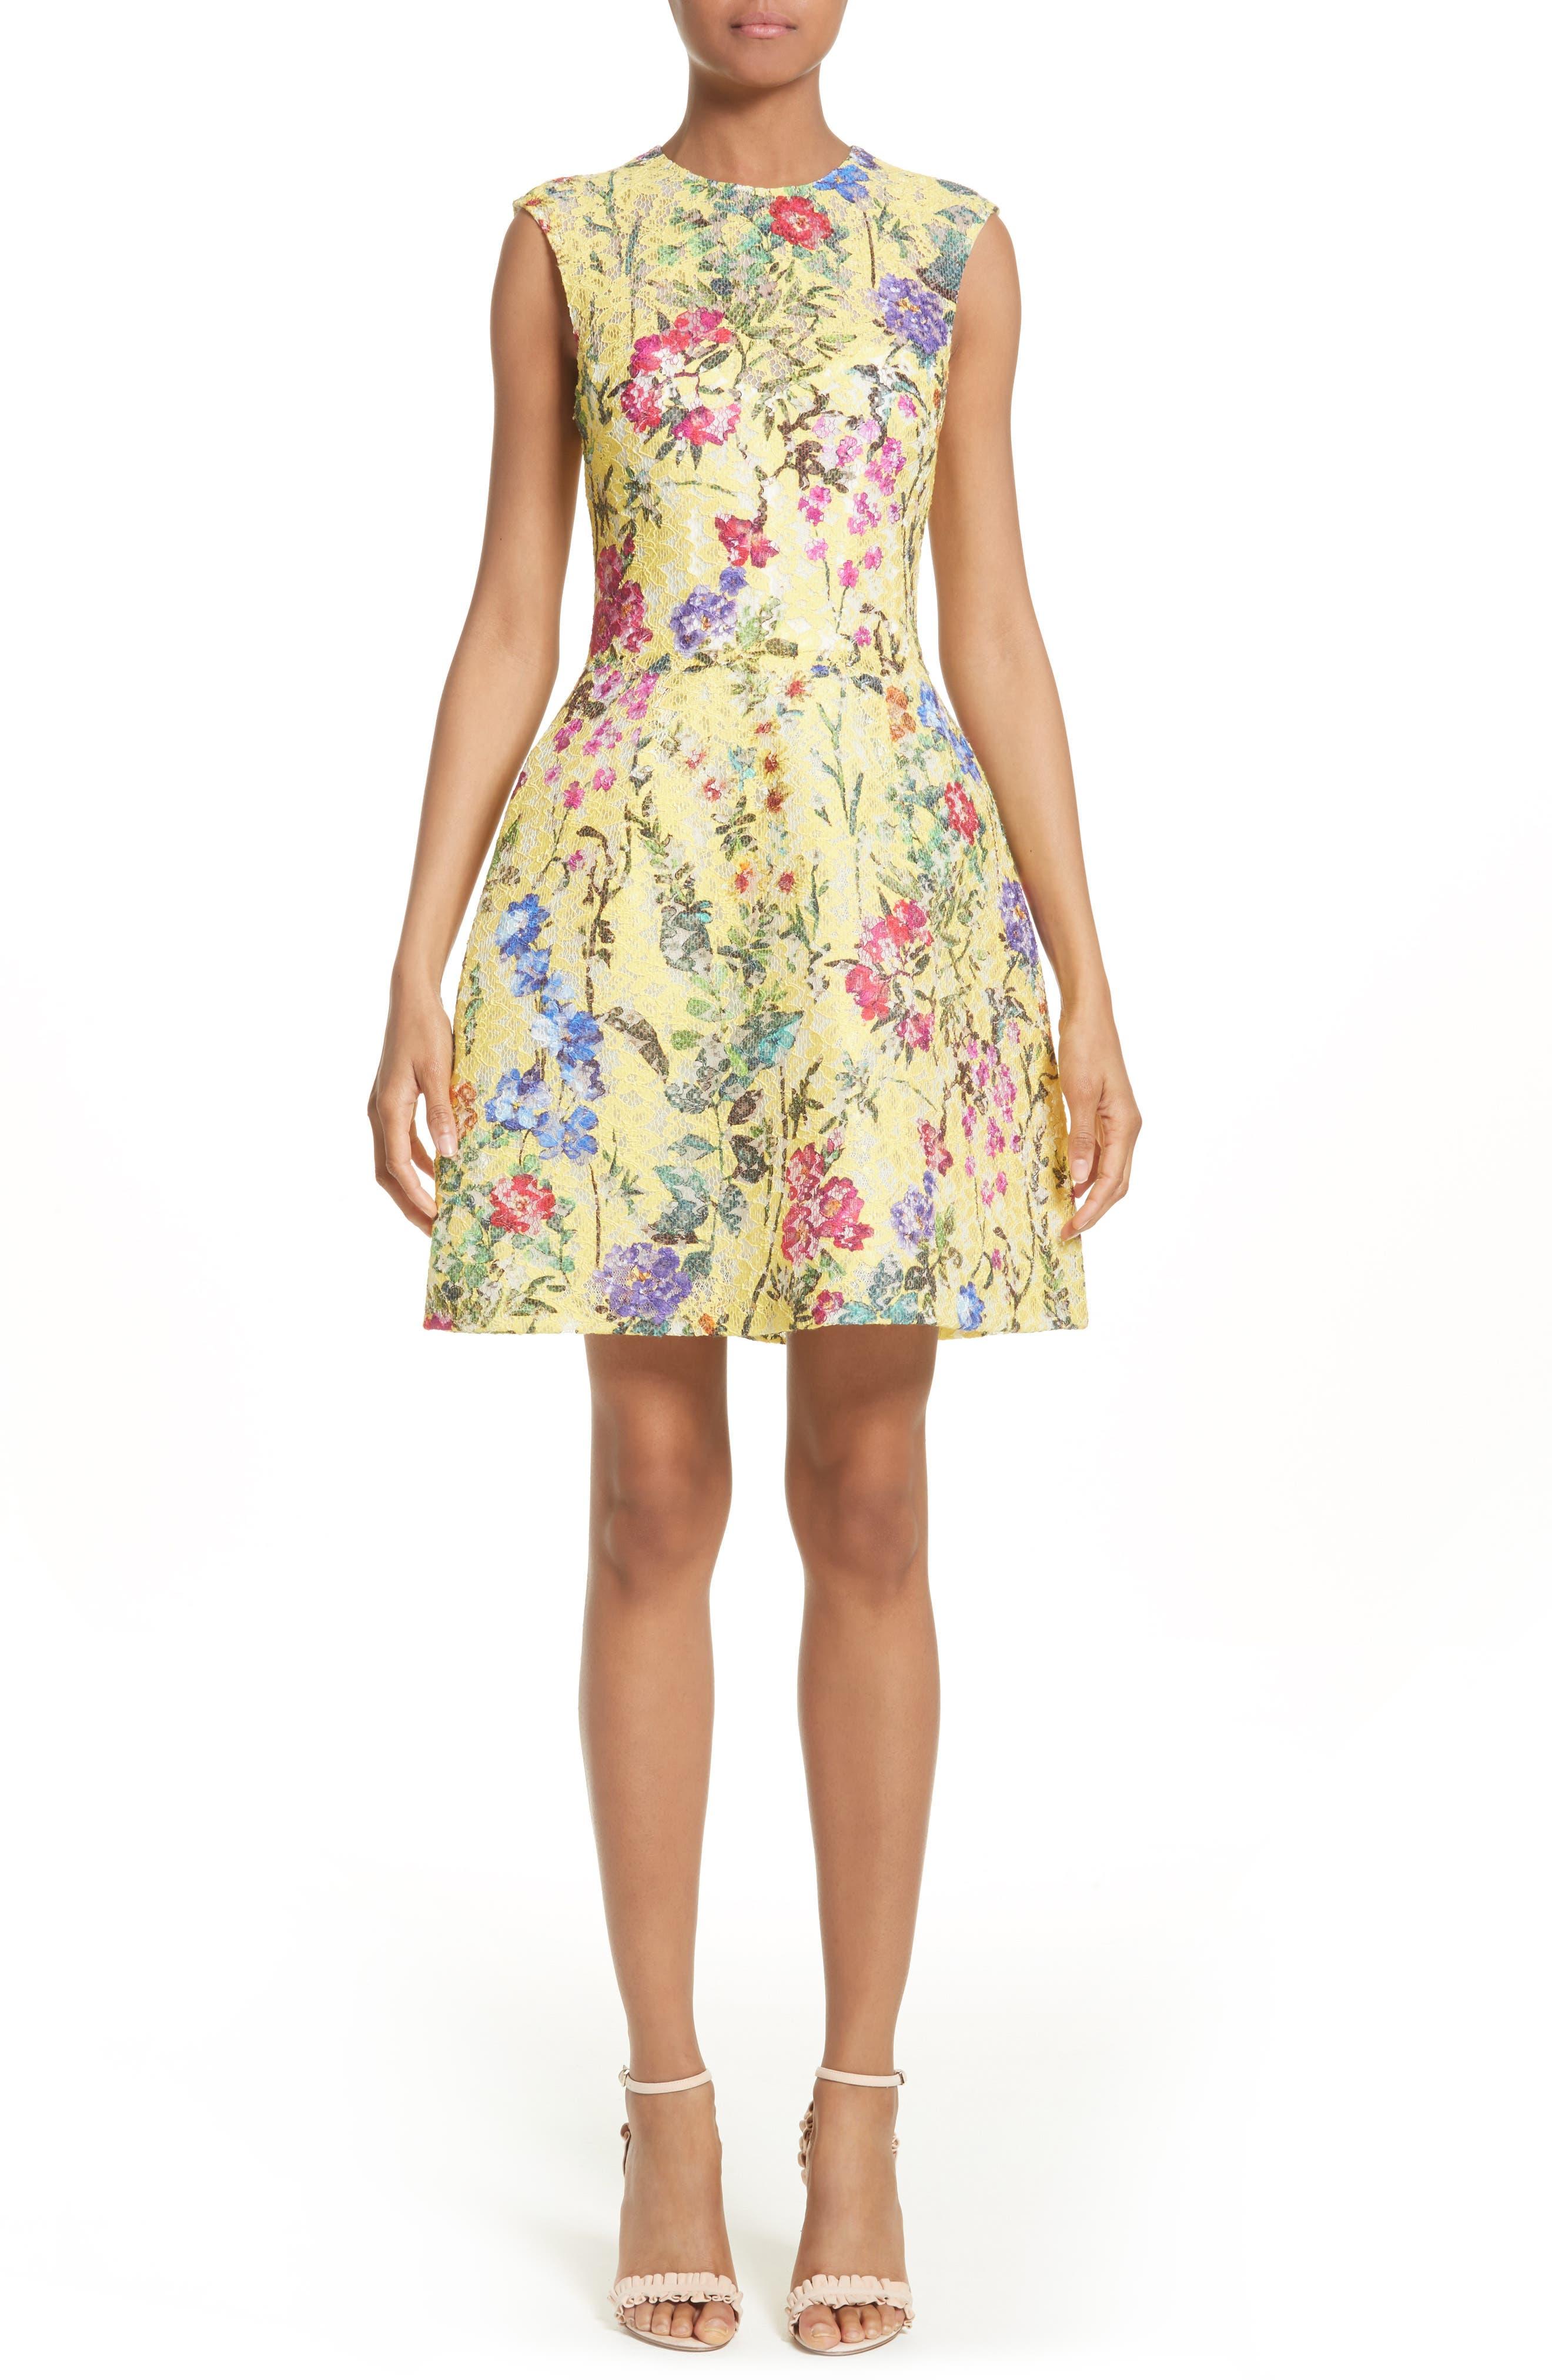 Main Image - Monique Lhuillier Garden Print Lace Fit & Flare Dress